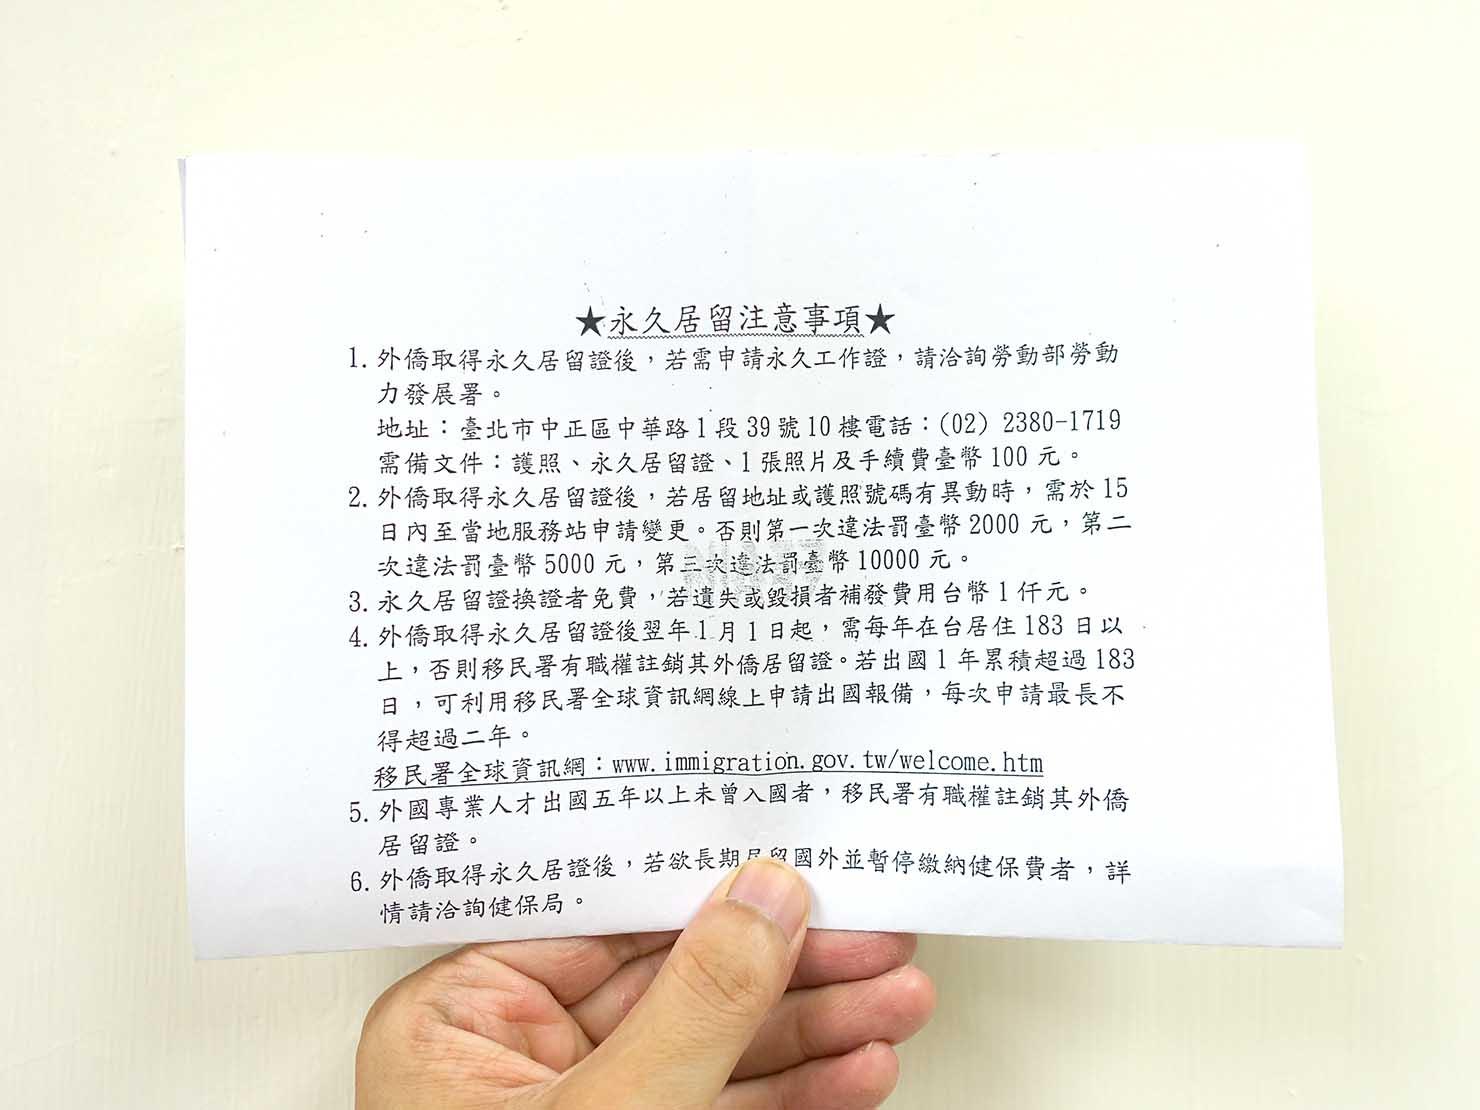 台湾の永住権(永久居留證)に関する説明